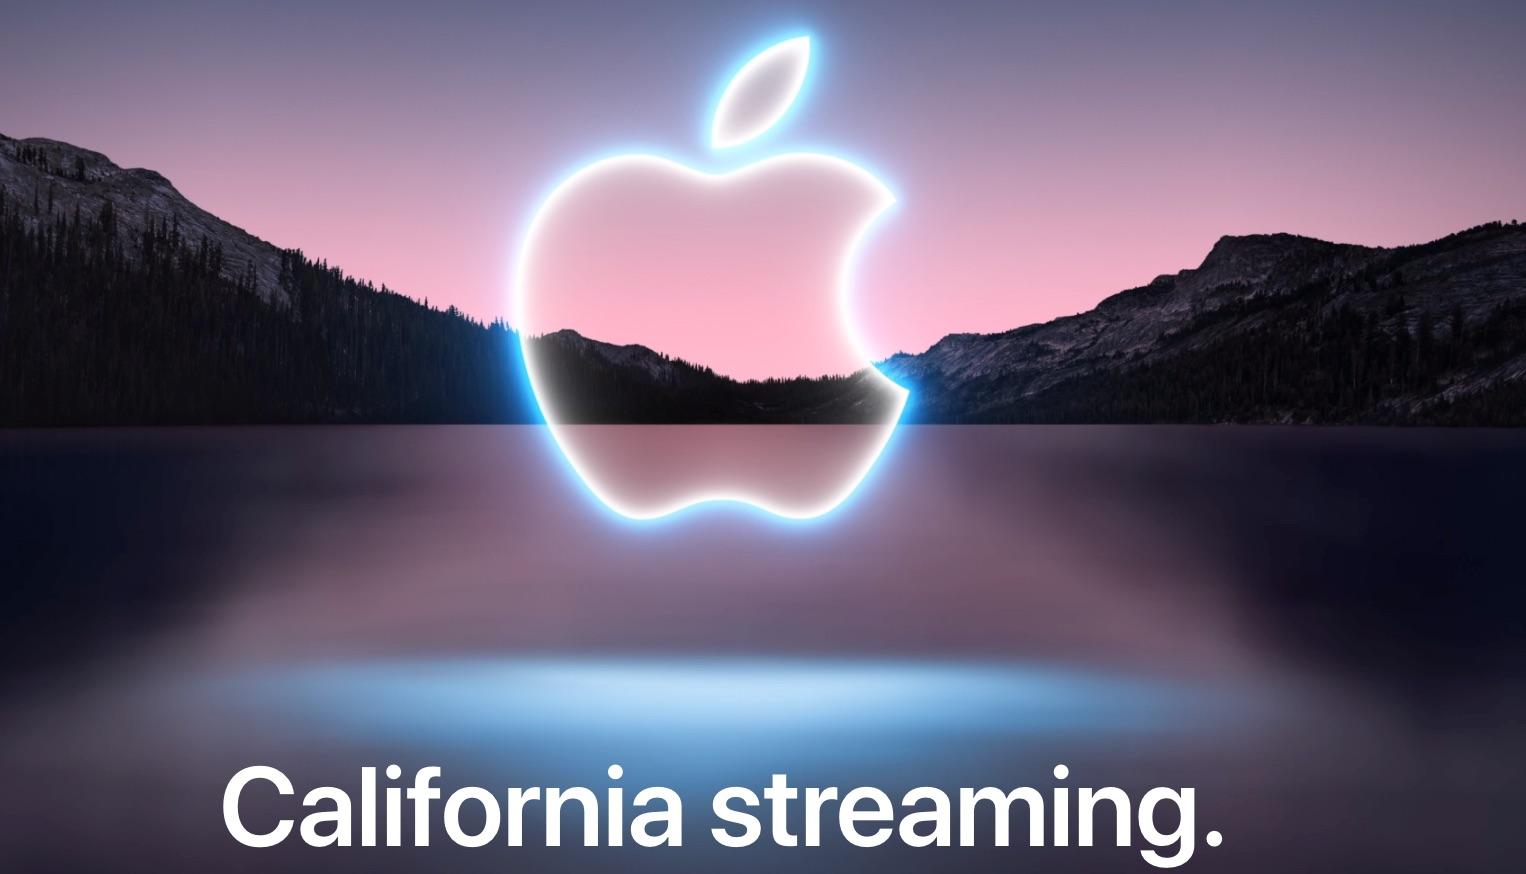 Keynote California Streaming evento de Apple en Septiembre de 2021, presentación del iPhone 13 y Apple Watch Series 7